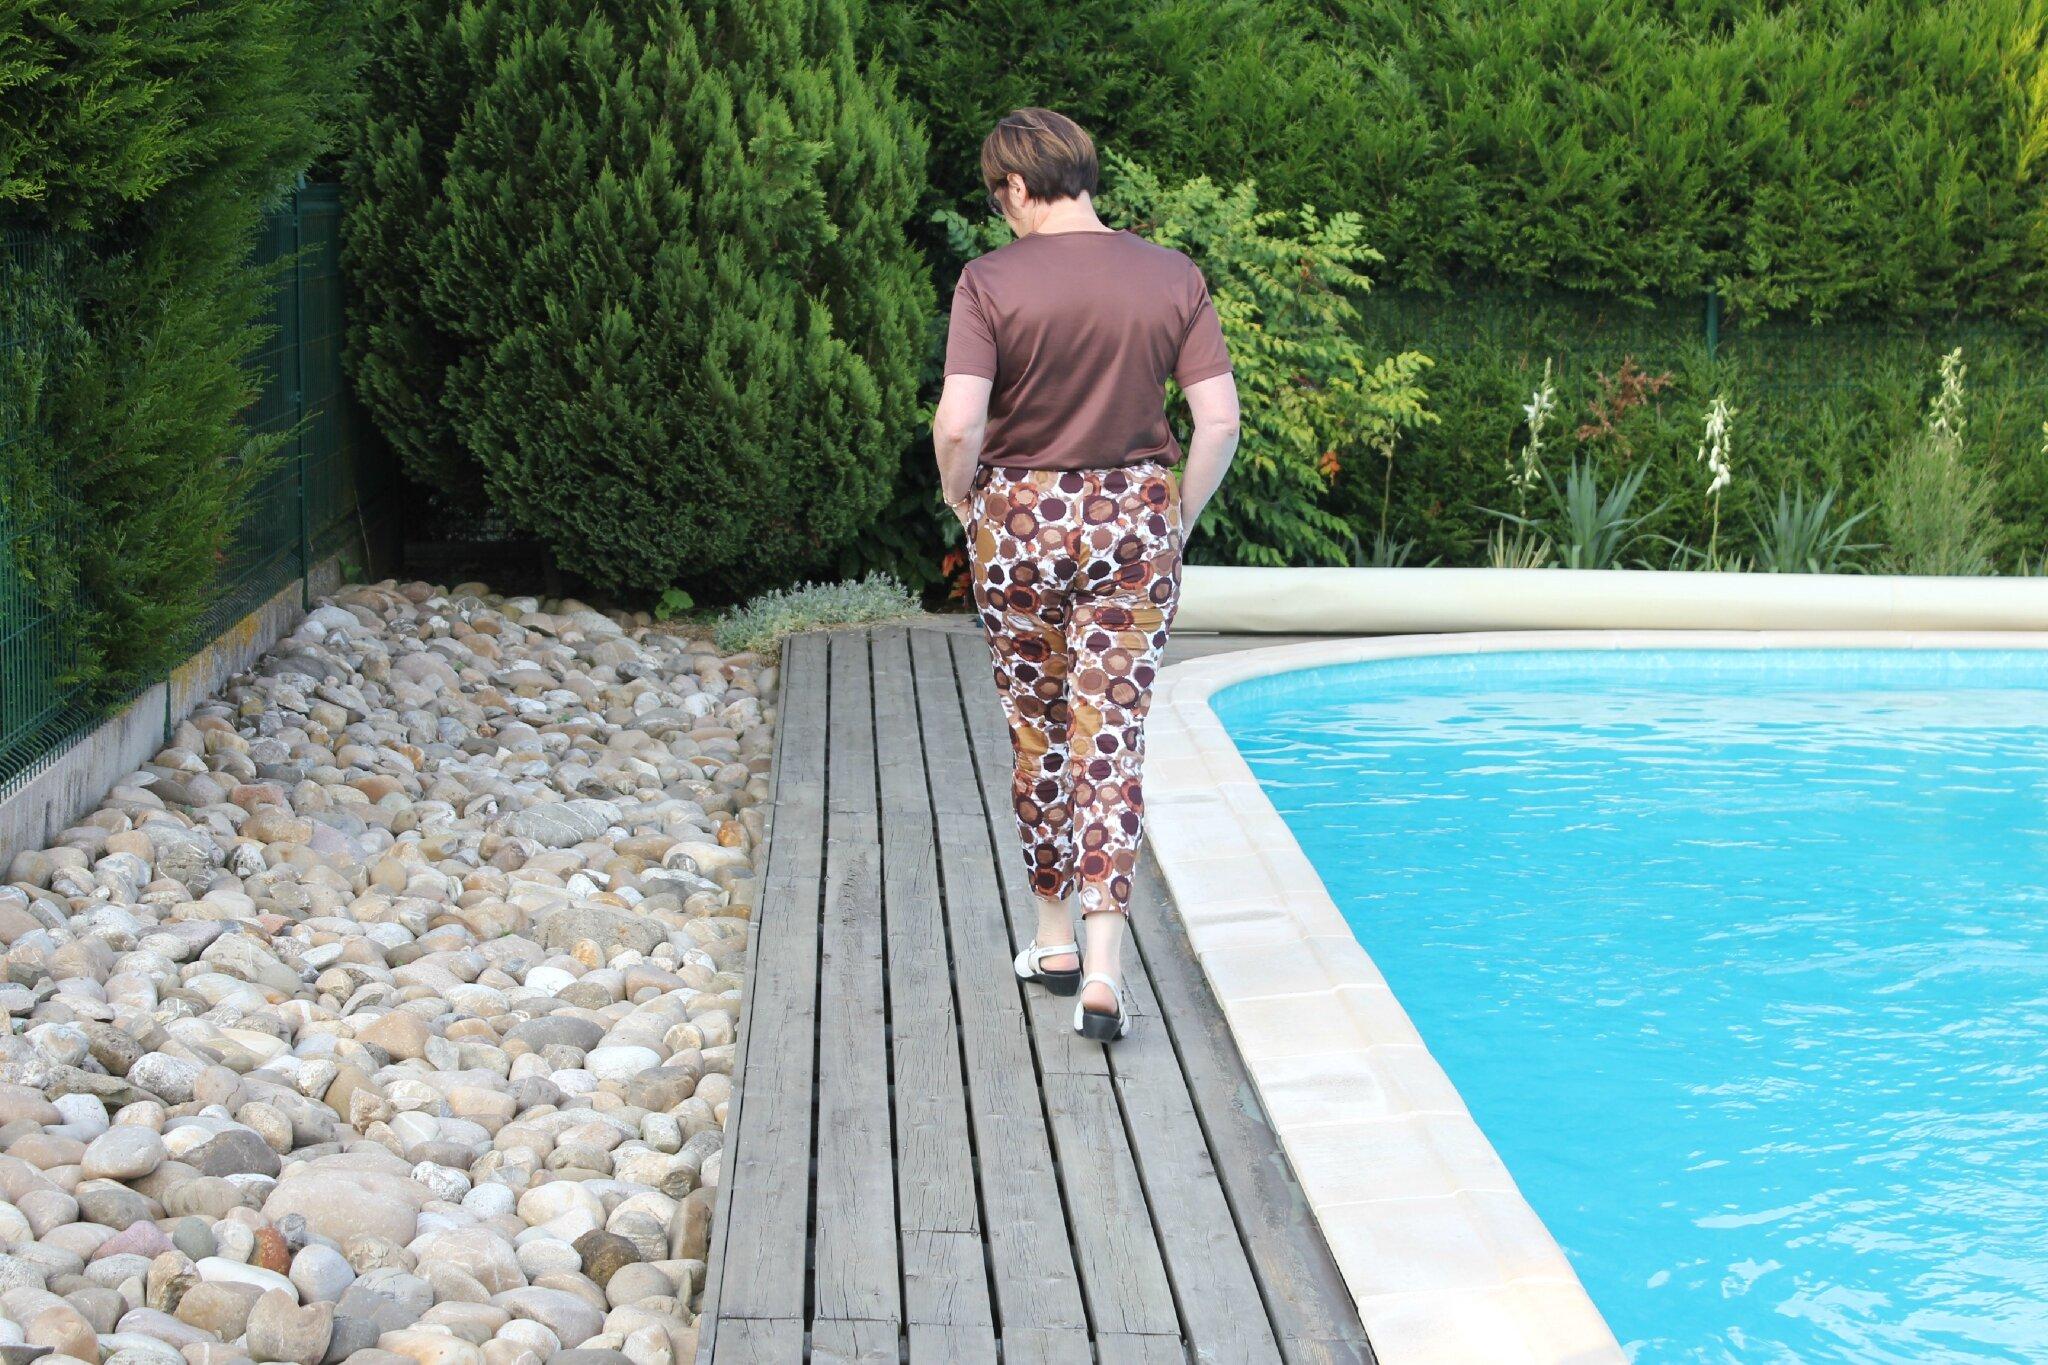 Le corsaire de terre couture et loisirs cr atifs de mary tainne for Decoration autour de la piscine